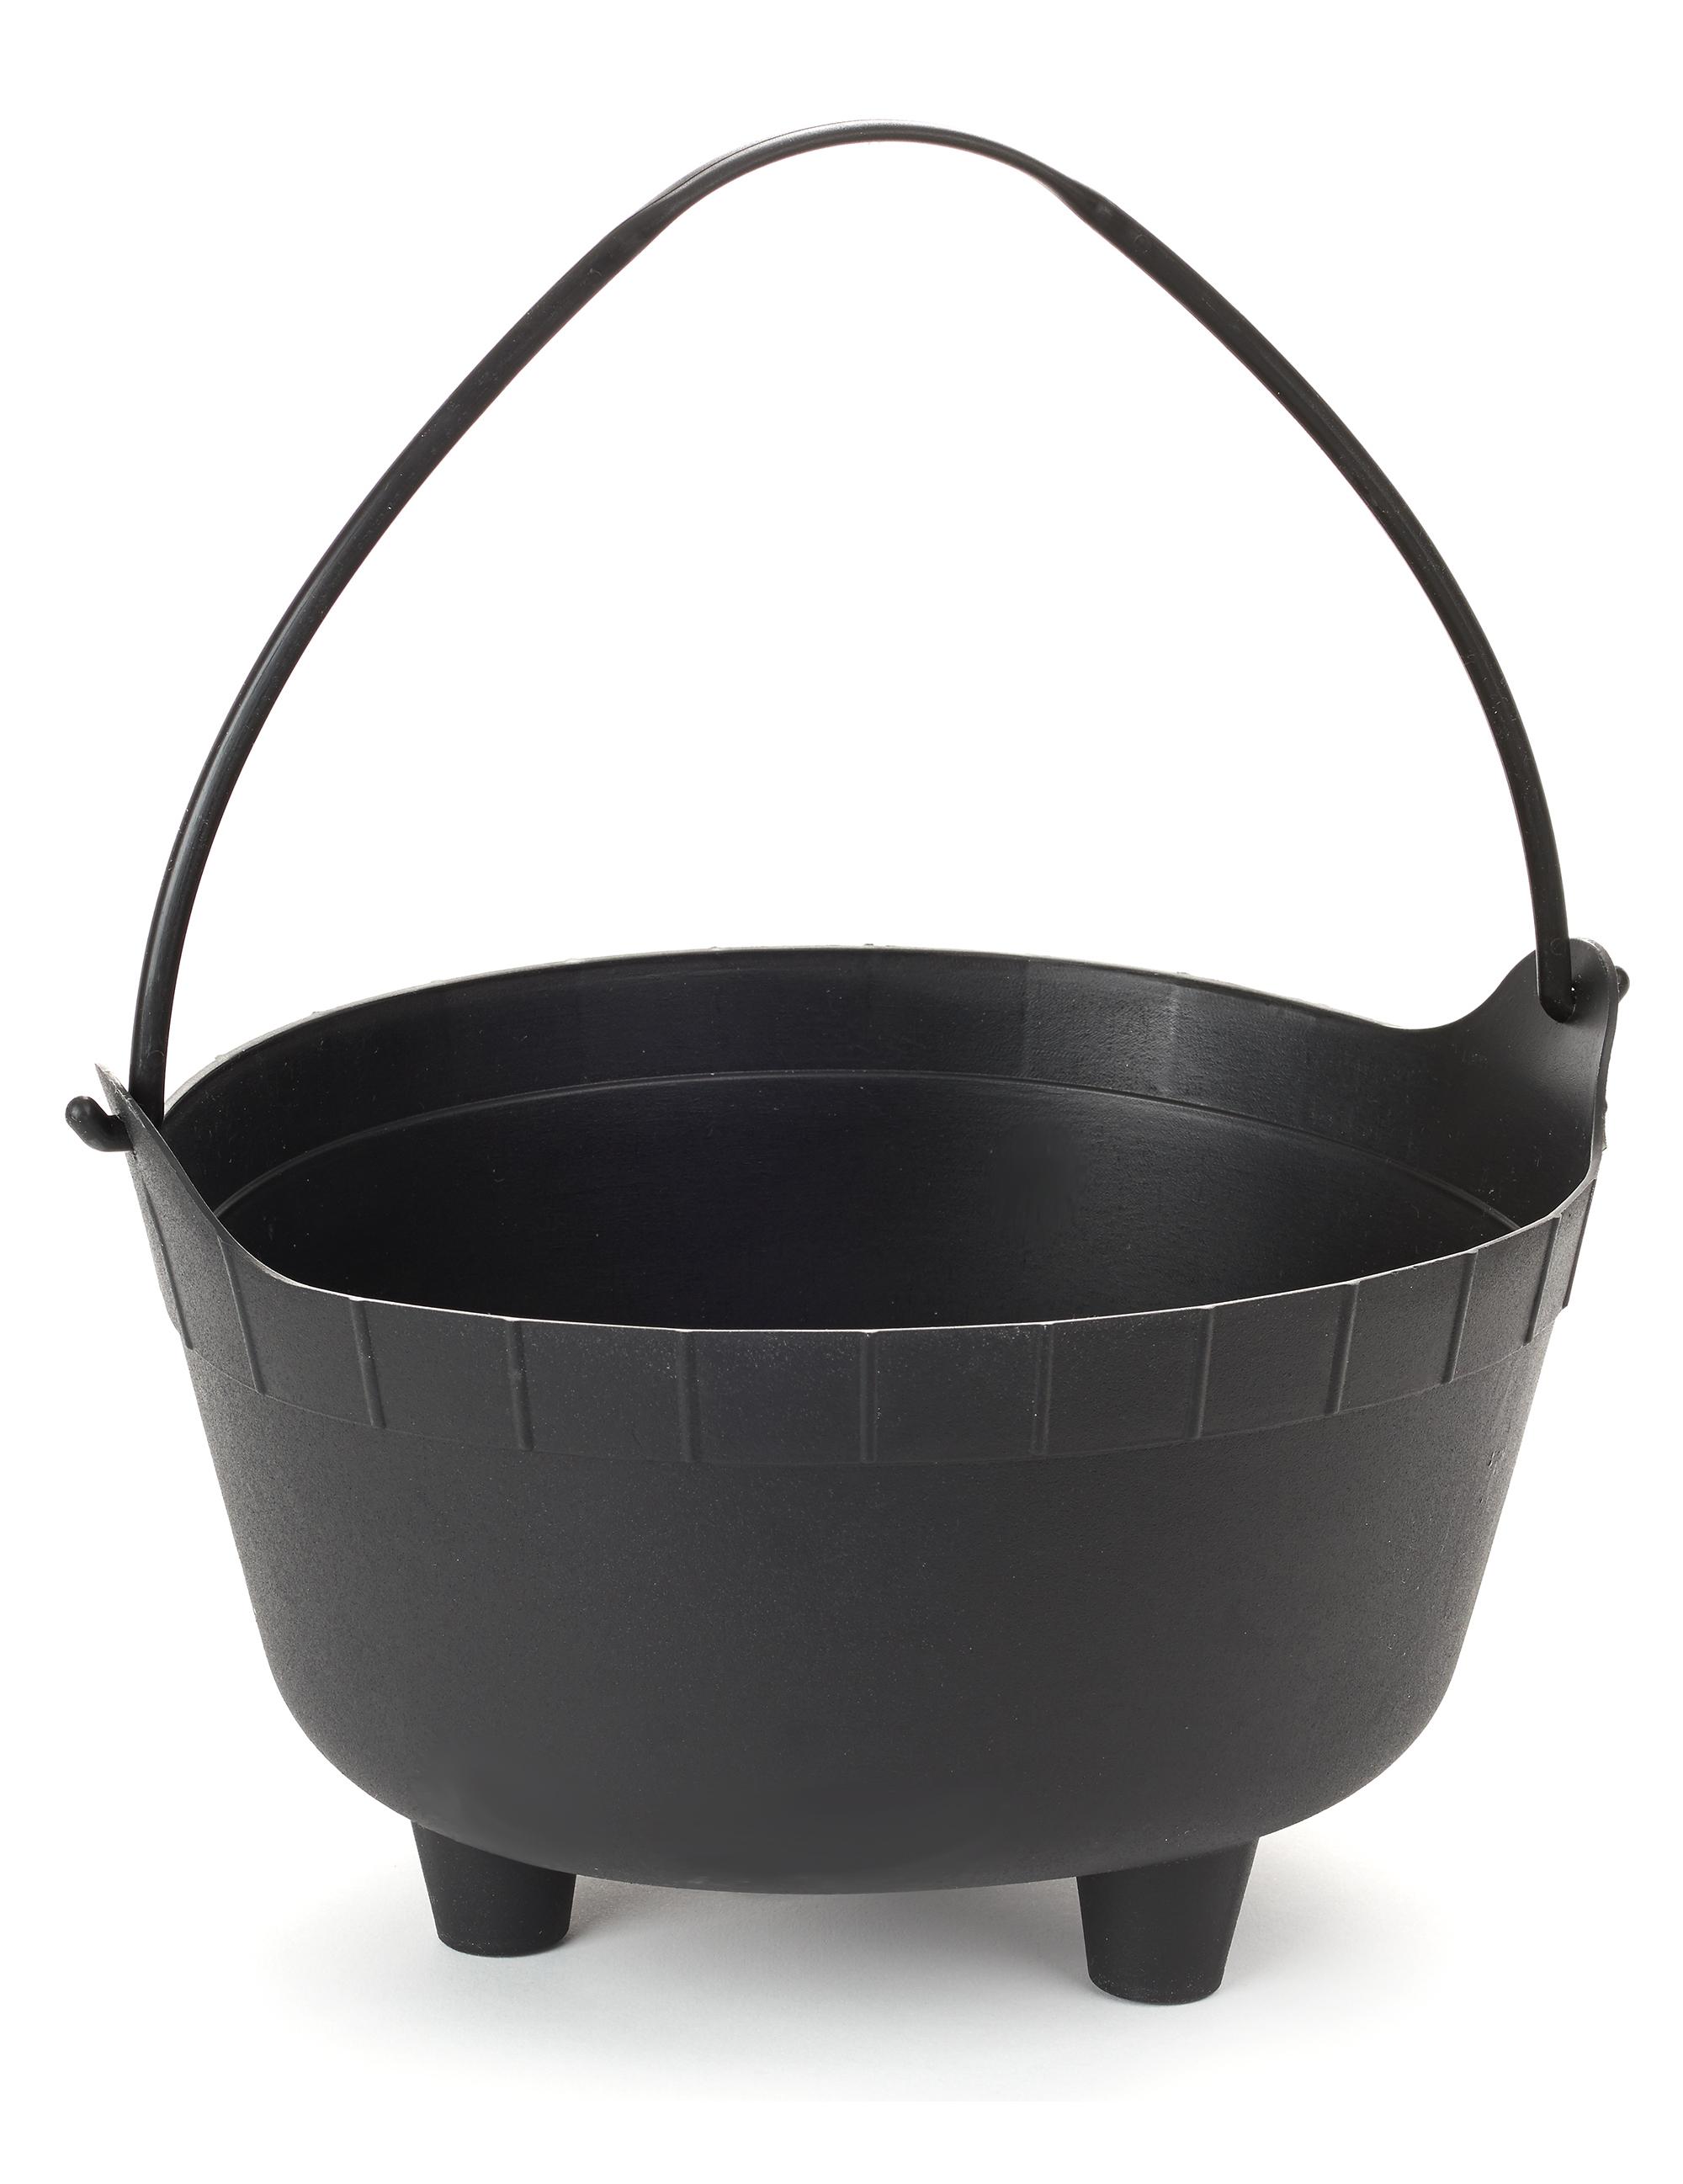 Grosser hexenkessel halloween deko schwarz 35x20cm Deko schwarz